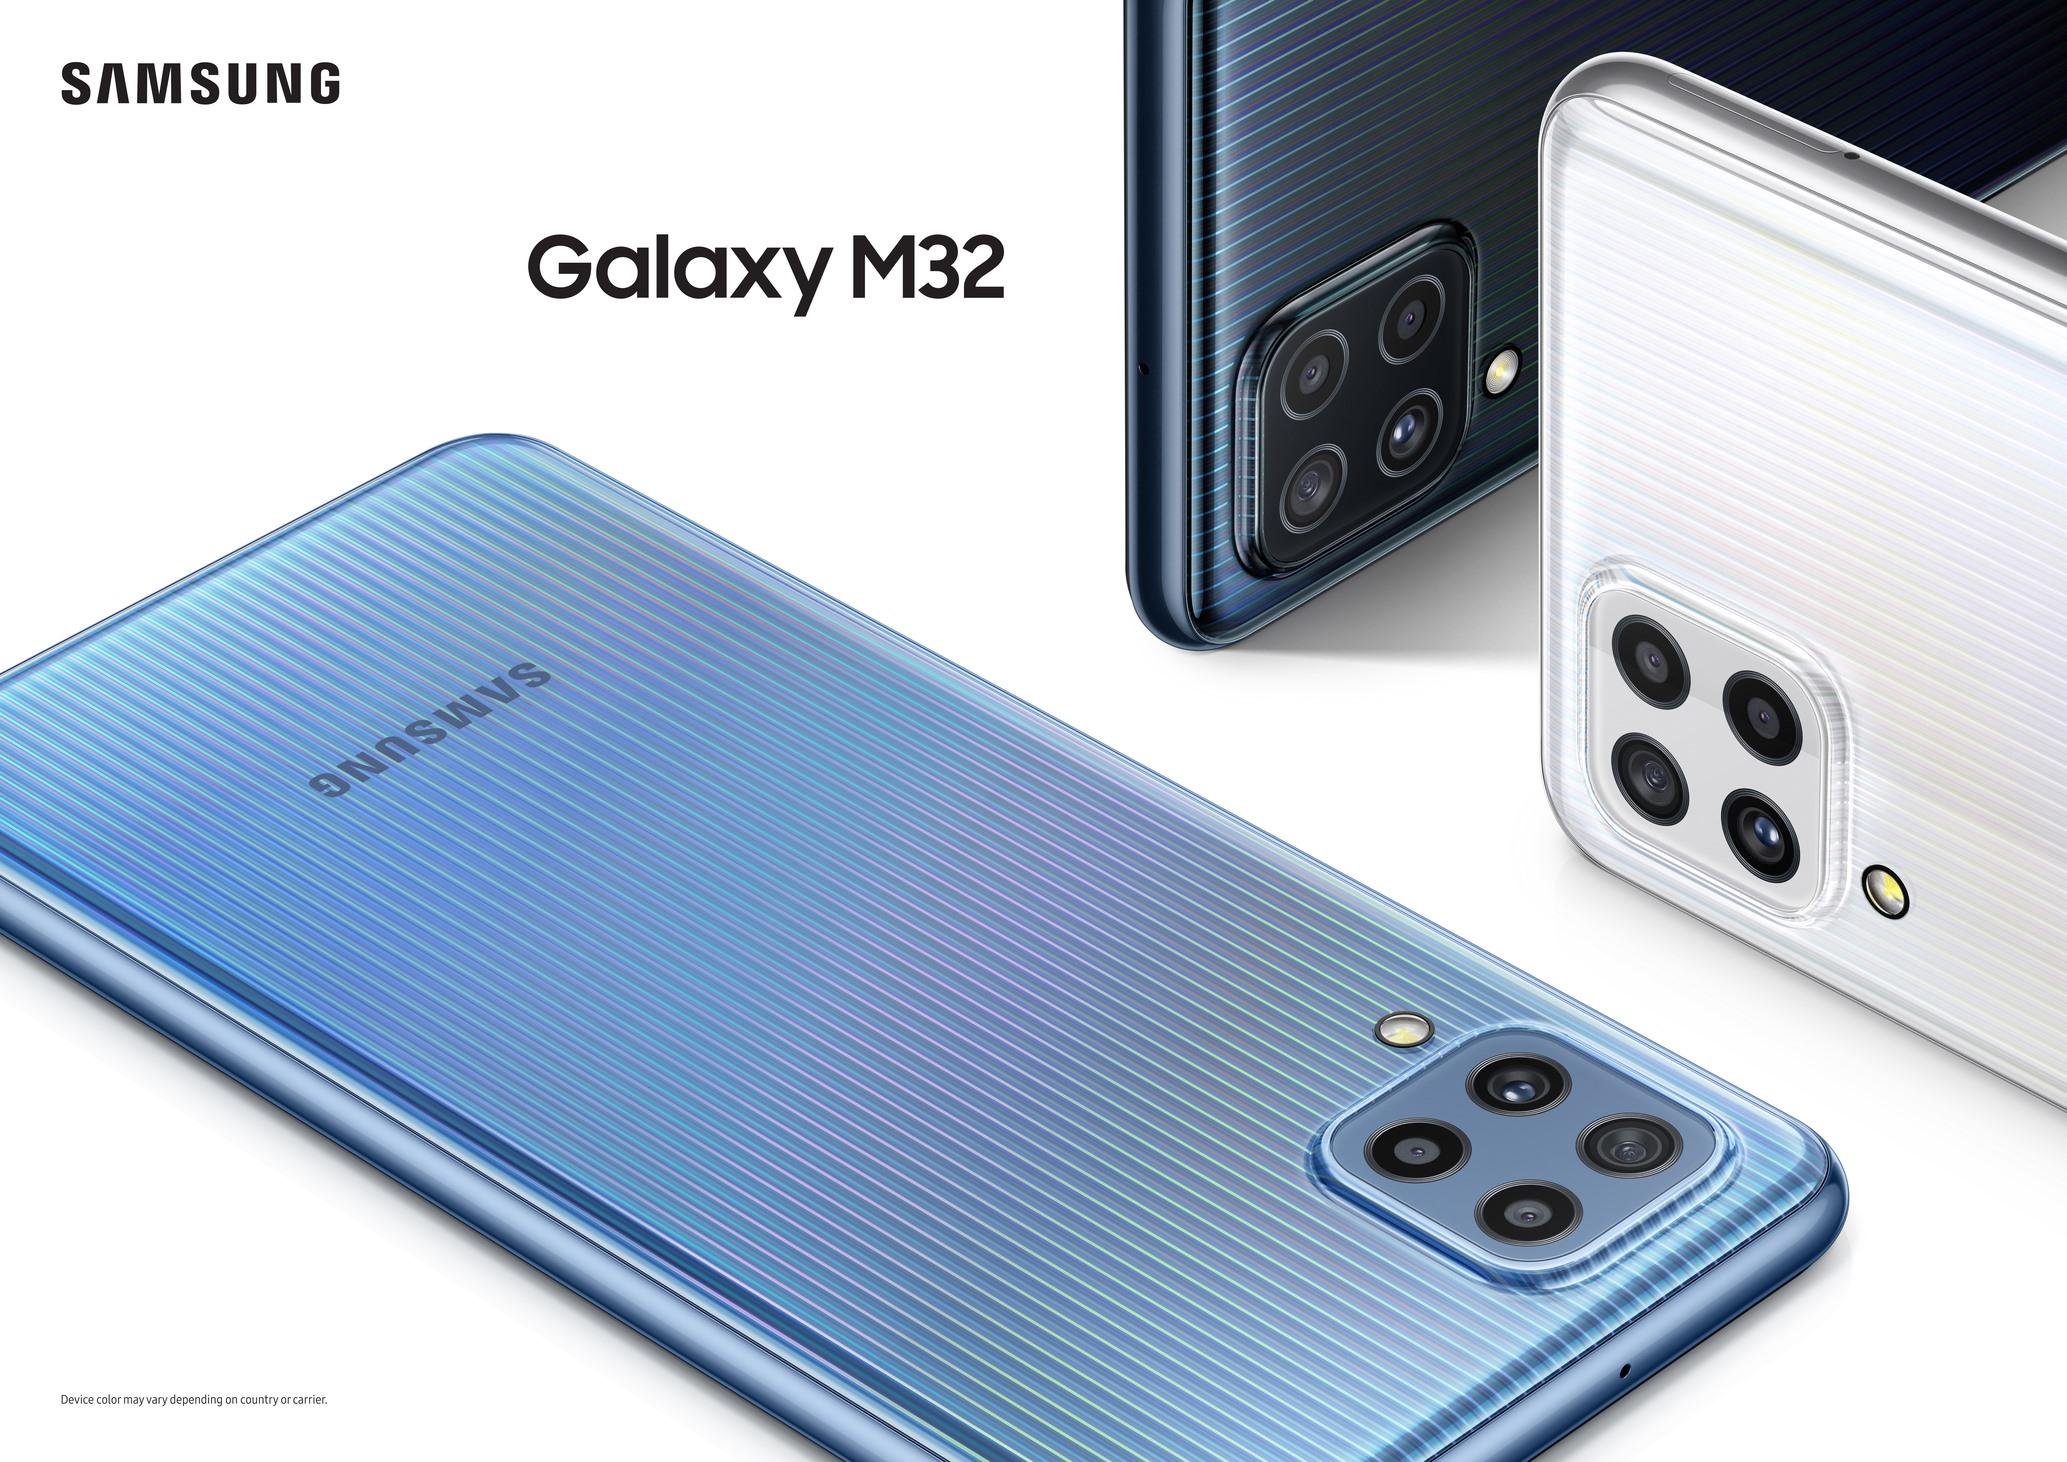 ดีลสุดคุ้ม Samsung Galaxy M32 สมาร์ทโฟนสเปคแรงสำหรับสายเอนเตอร์เทน เริ่ม Pre-Sale วันแรก 11 ก.ค.นี้ ที่ Lazada เท่านั้น